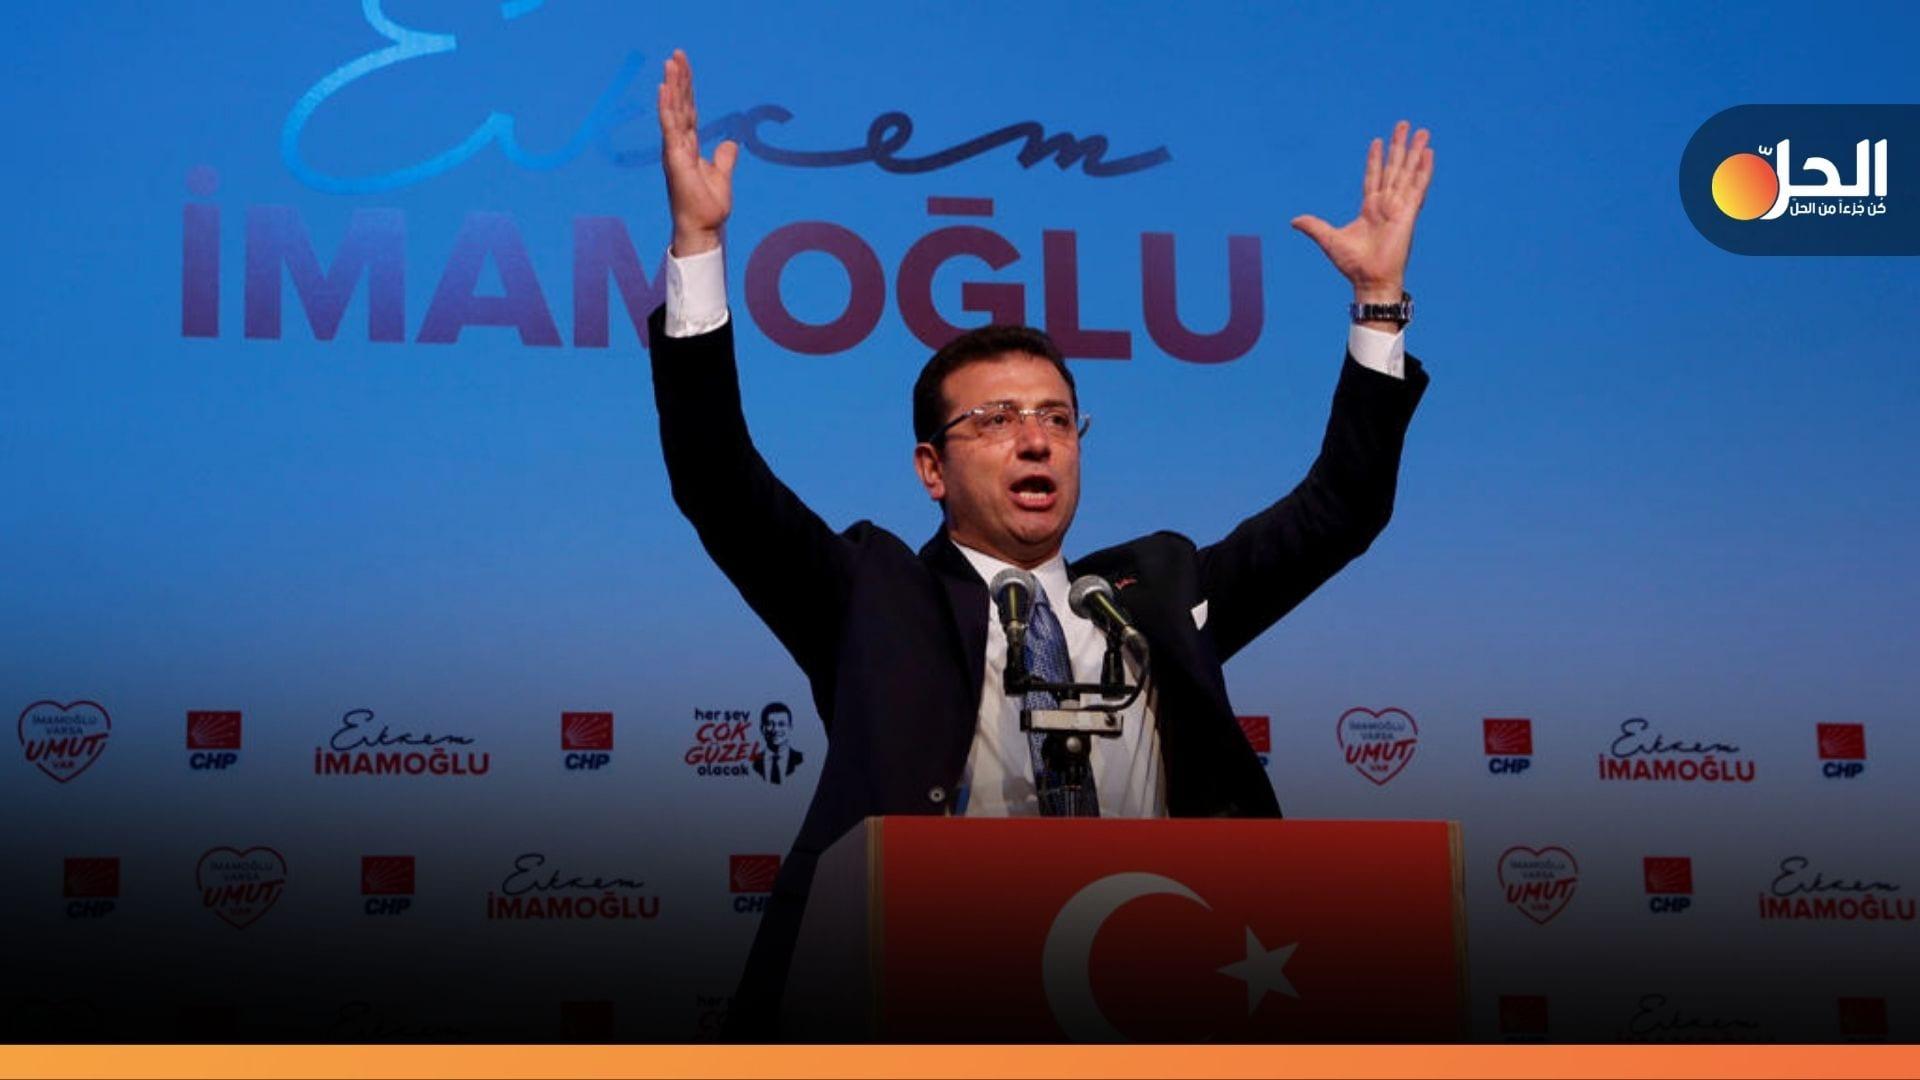 """رئيس بلدية اسطنبول يفتح """"حرباً قانونية"""" ضد الرئيس التركي والحزب الحاكم"""